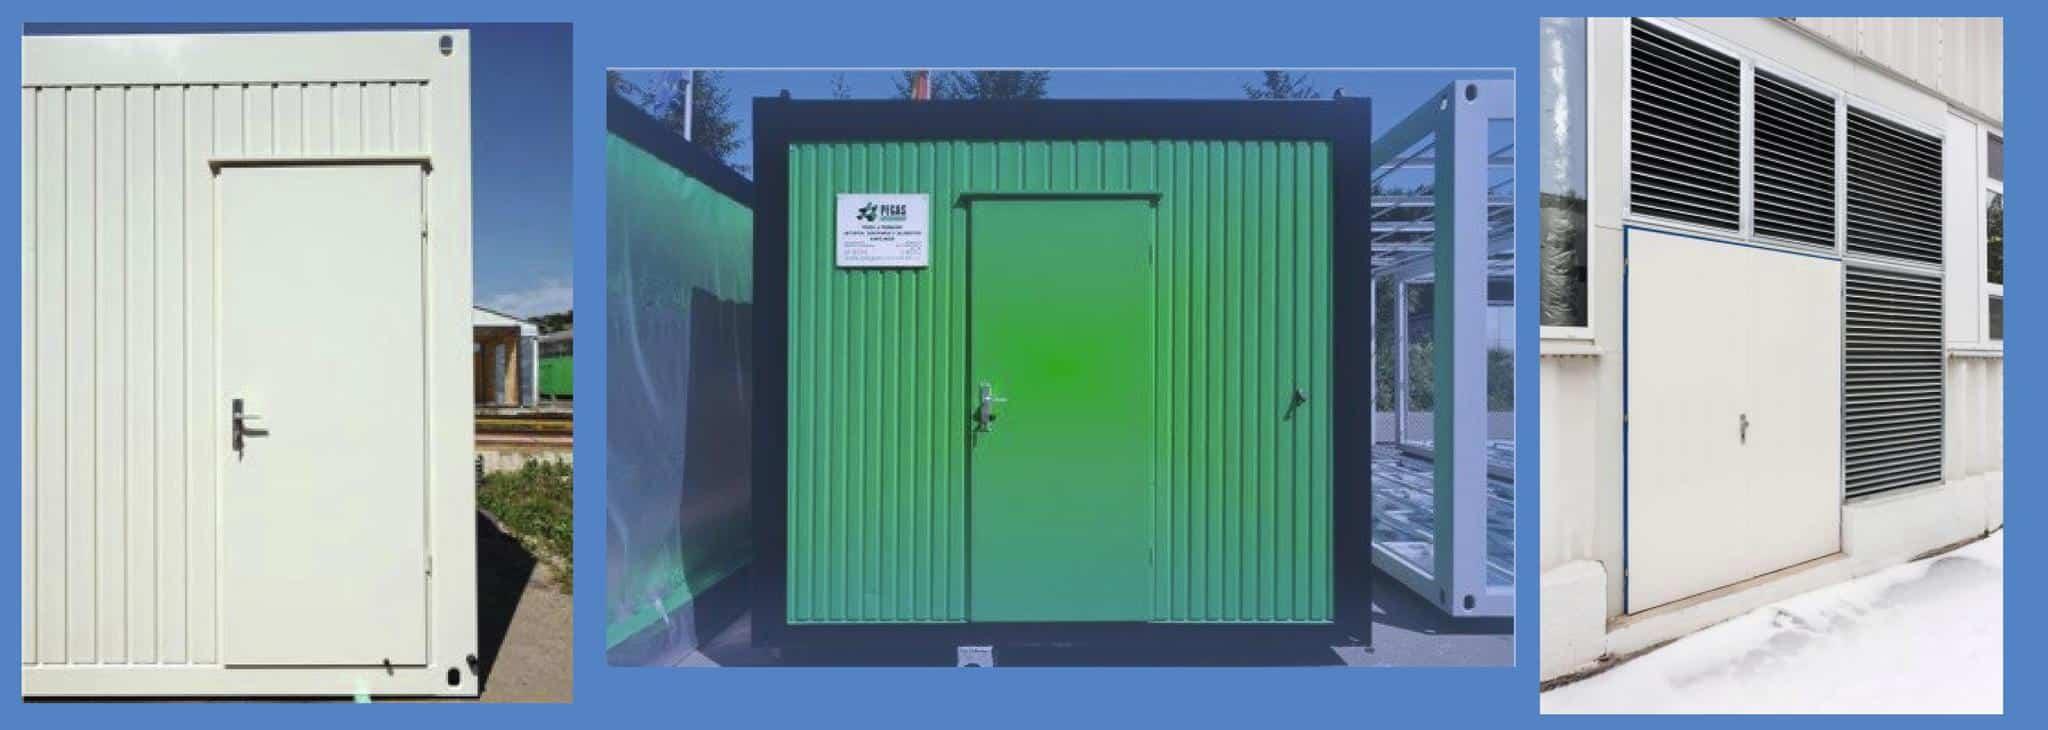 plechove dvere-page-001